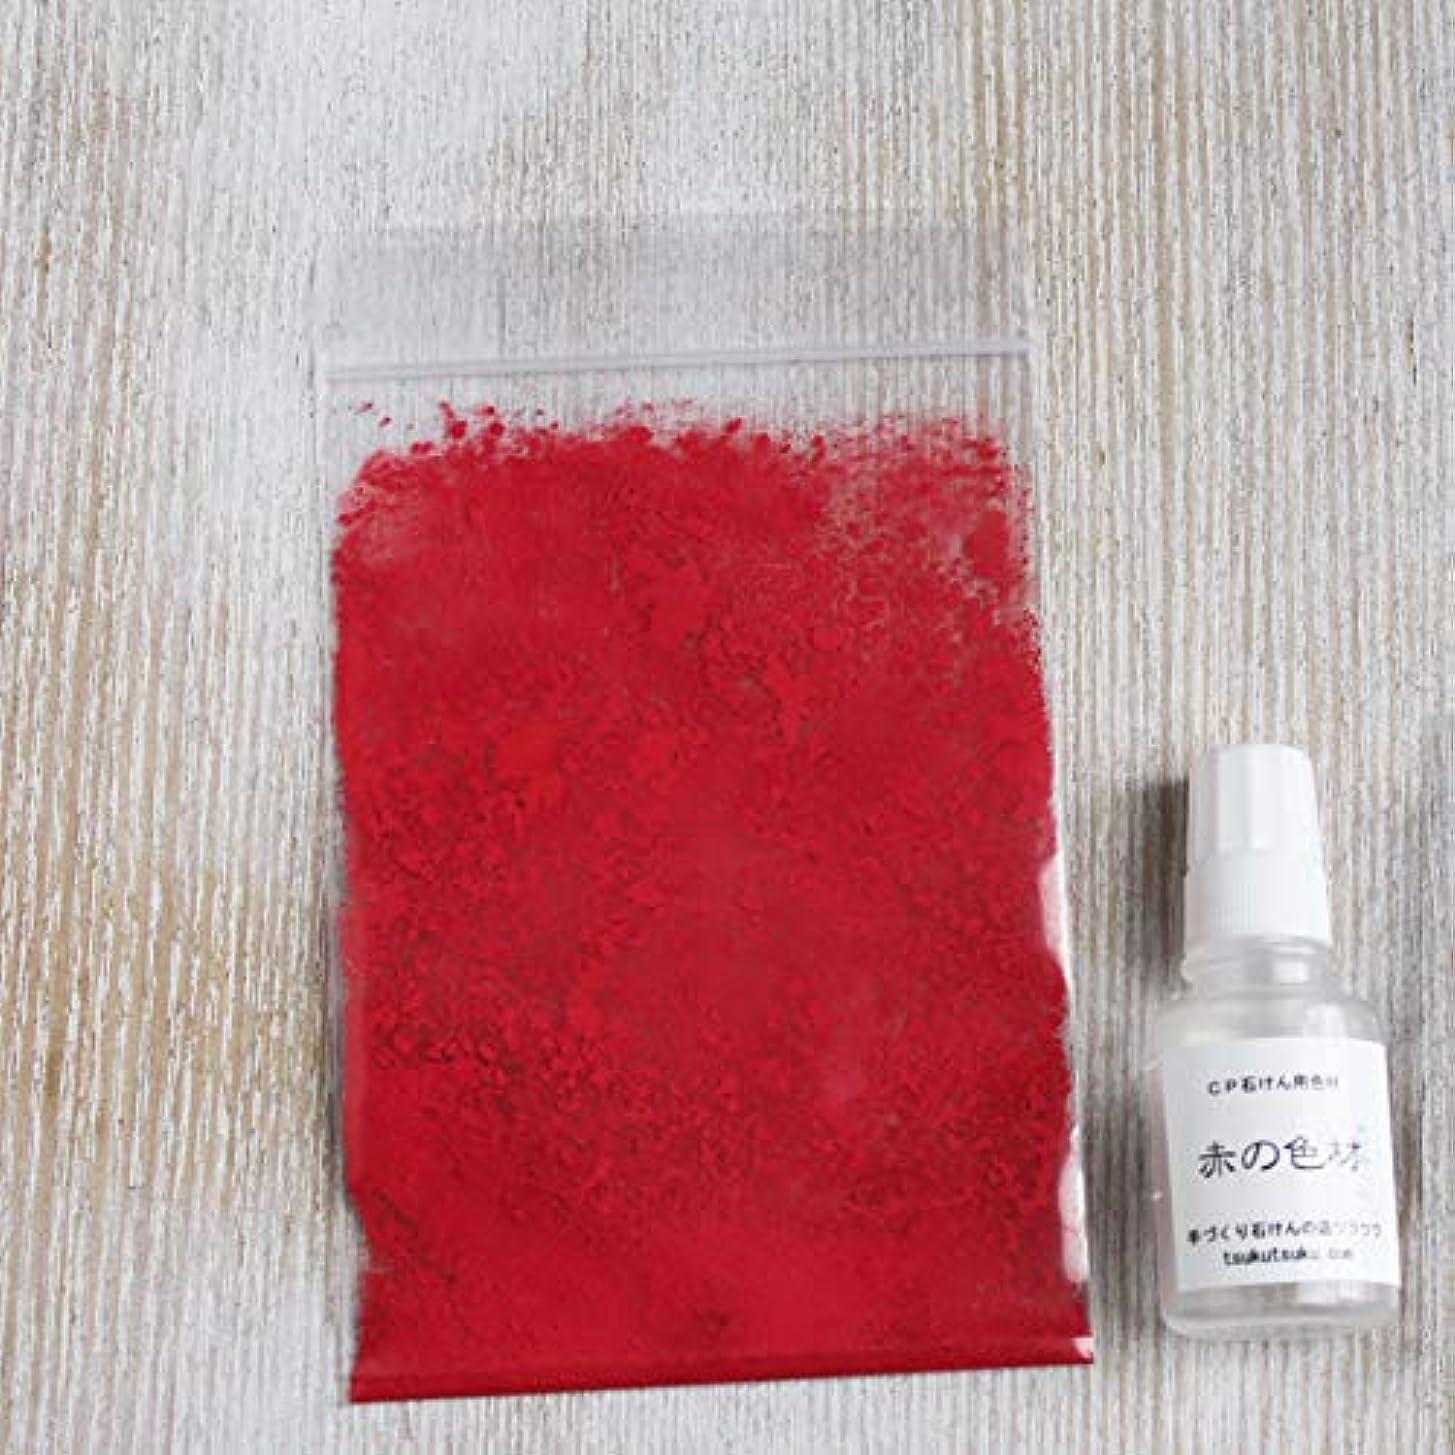 格差謎担当者CP石けん用色材 赤の色材キット/手作り石けん?手作り化粧品材料